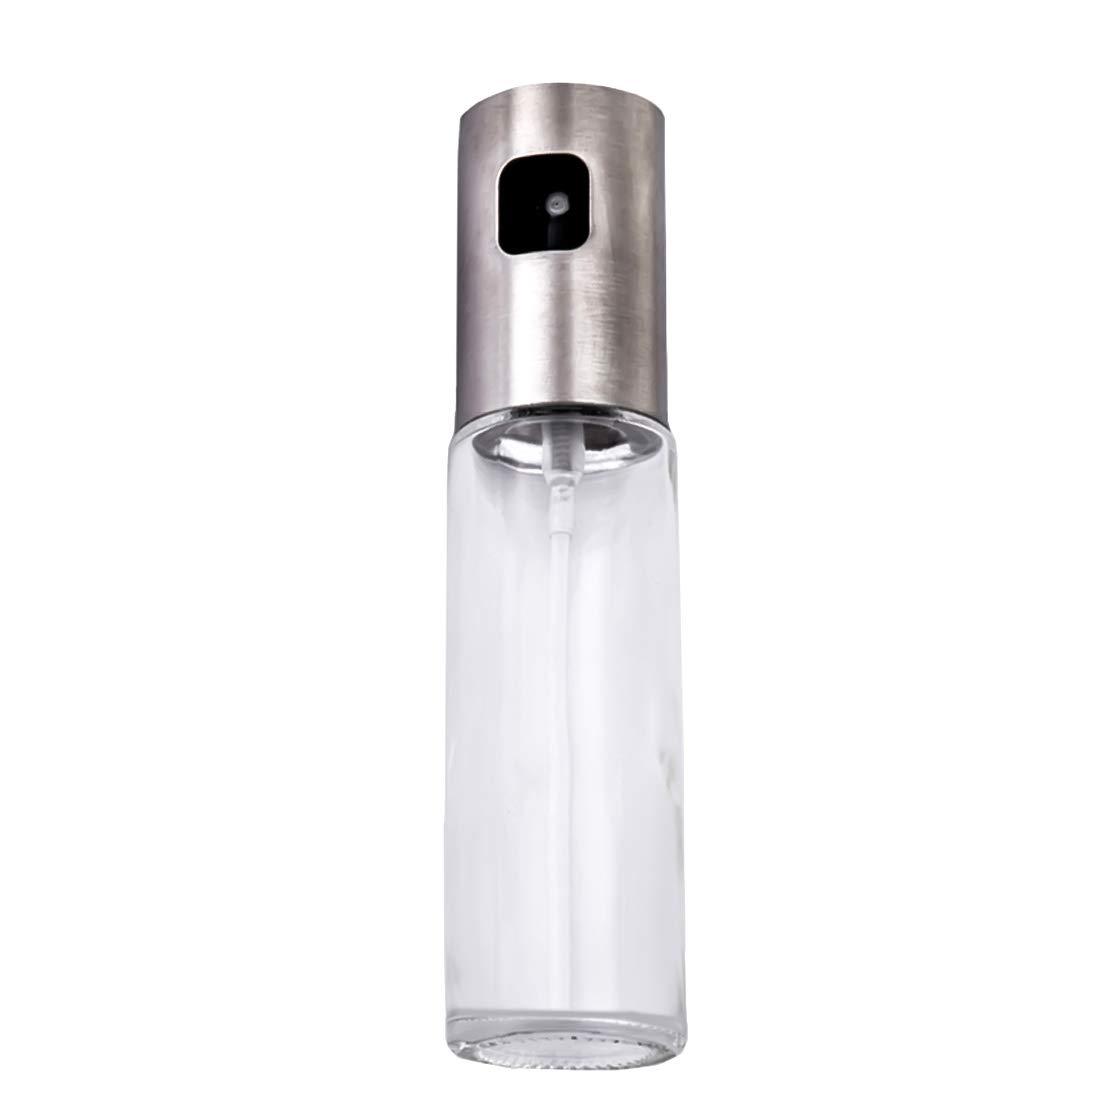 YTCWR pulverizador de Aceite Transparente/pulverizador de Aceite con Embudo, Estufa, Barbacoa - 100 ML: Amazon.es: Hogar